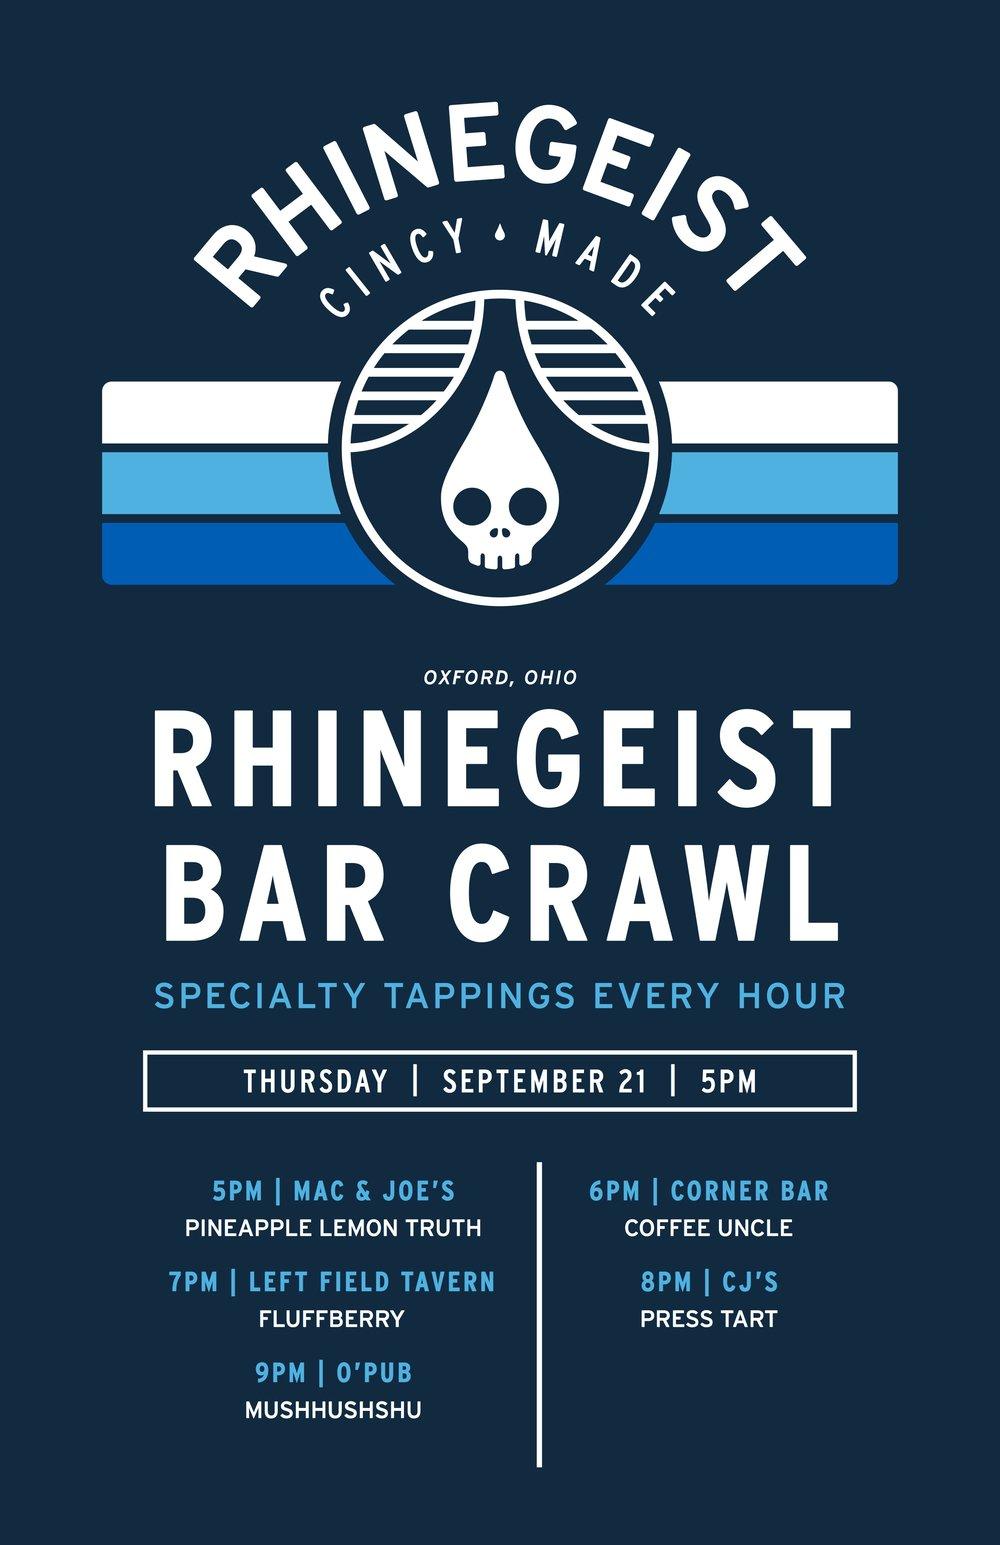 oxford bar crawl_083017.jpg